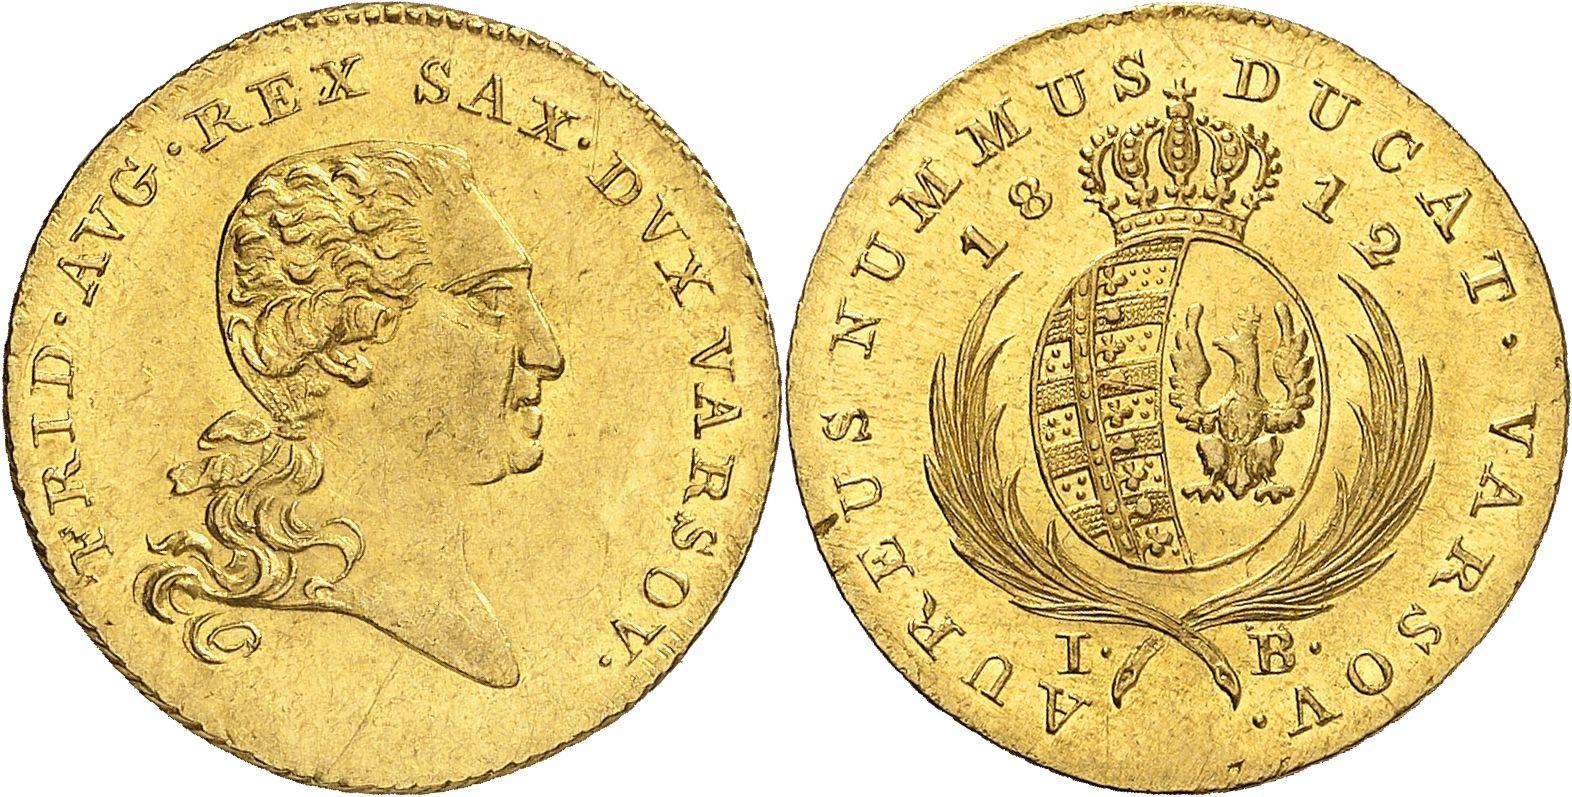 PL Ducat 1812